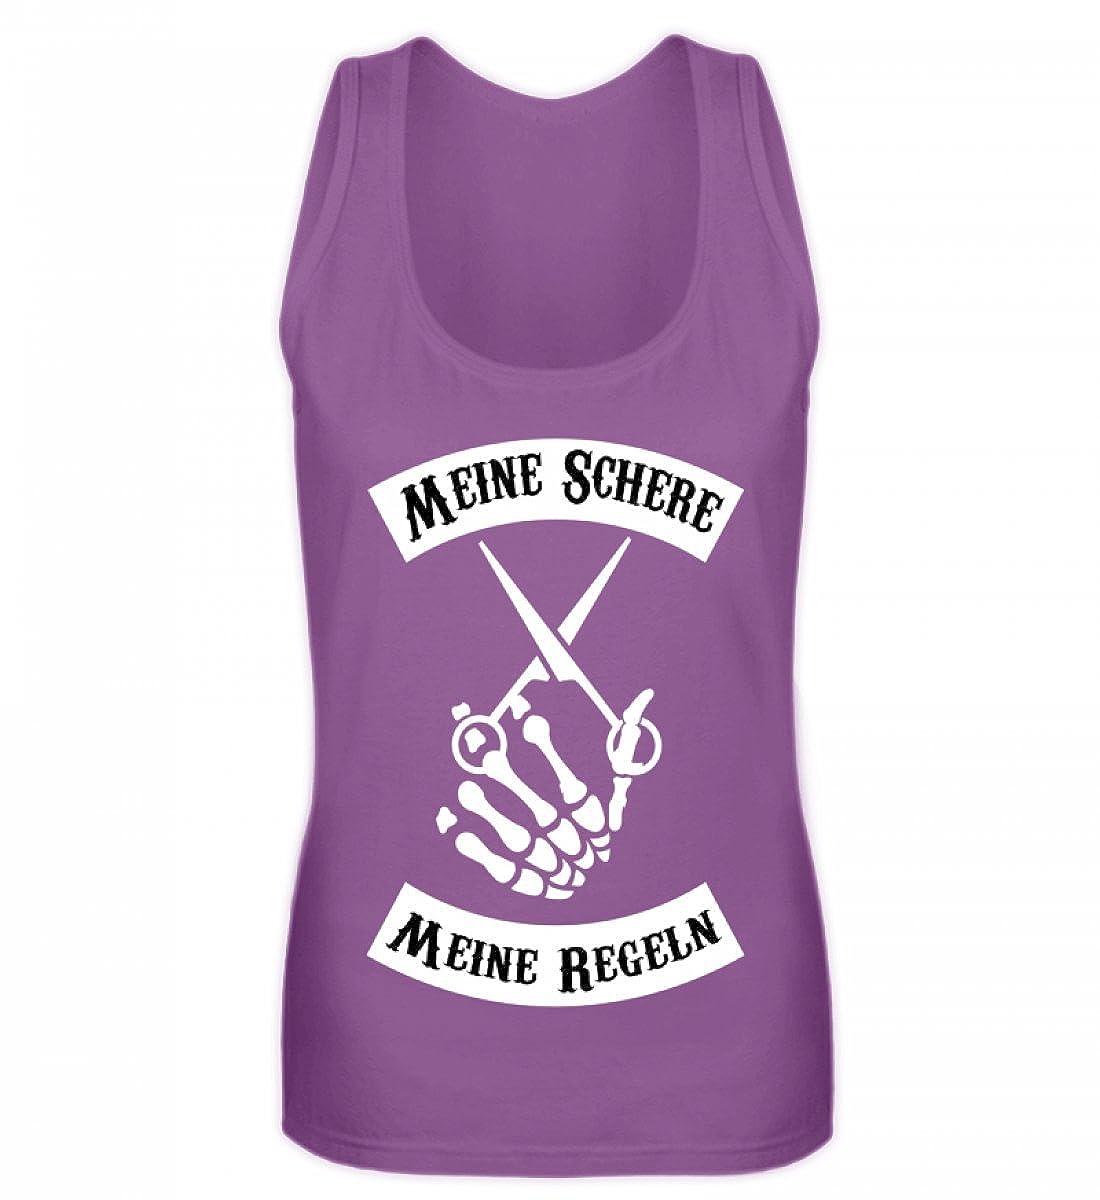 Hochwertiges Frauen Tanktop - Meine Schere Meine Regeln Friseur Shirt · Friseurin · Stylistin · Haare · Haarpflege Shirtee VSU221BB_3361__S__31